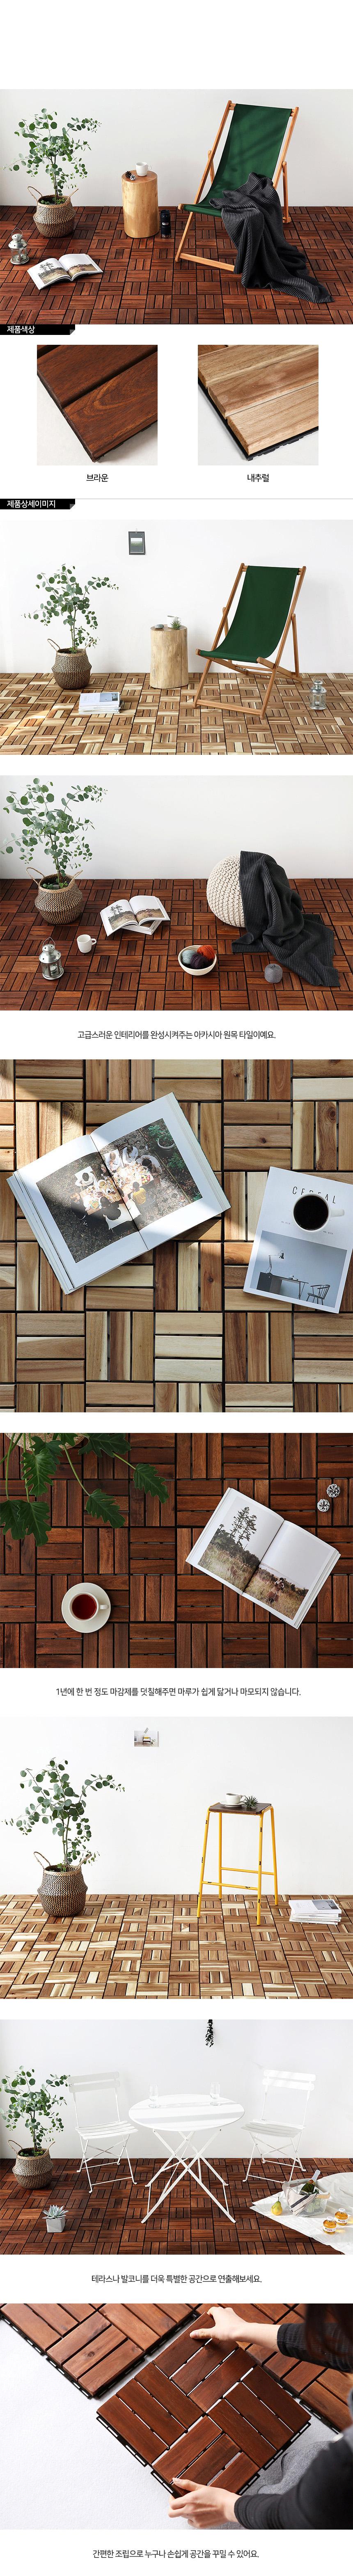 인테리어조립식마루 아카시아원목마루바닥 베란다매트 - 아웃도어랜드몰, 32,900원, 장식/부자재, 바닥장식